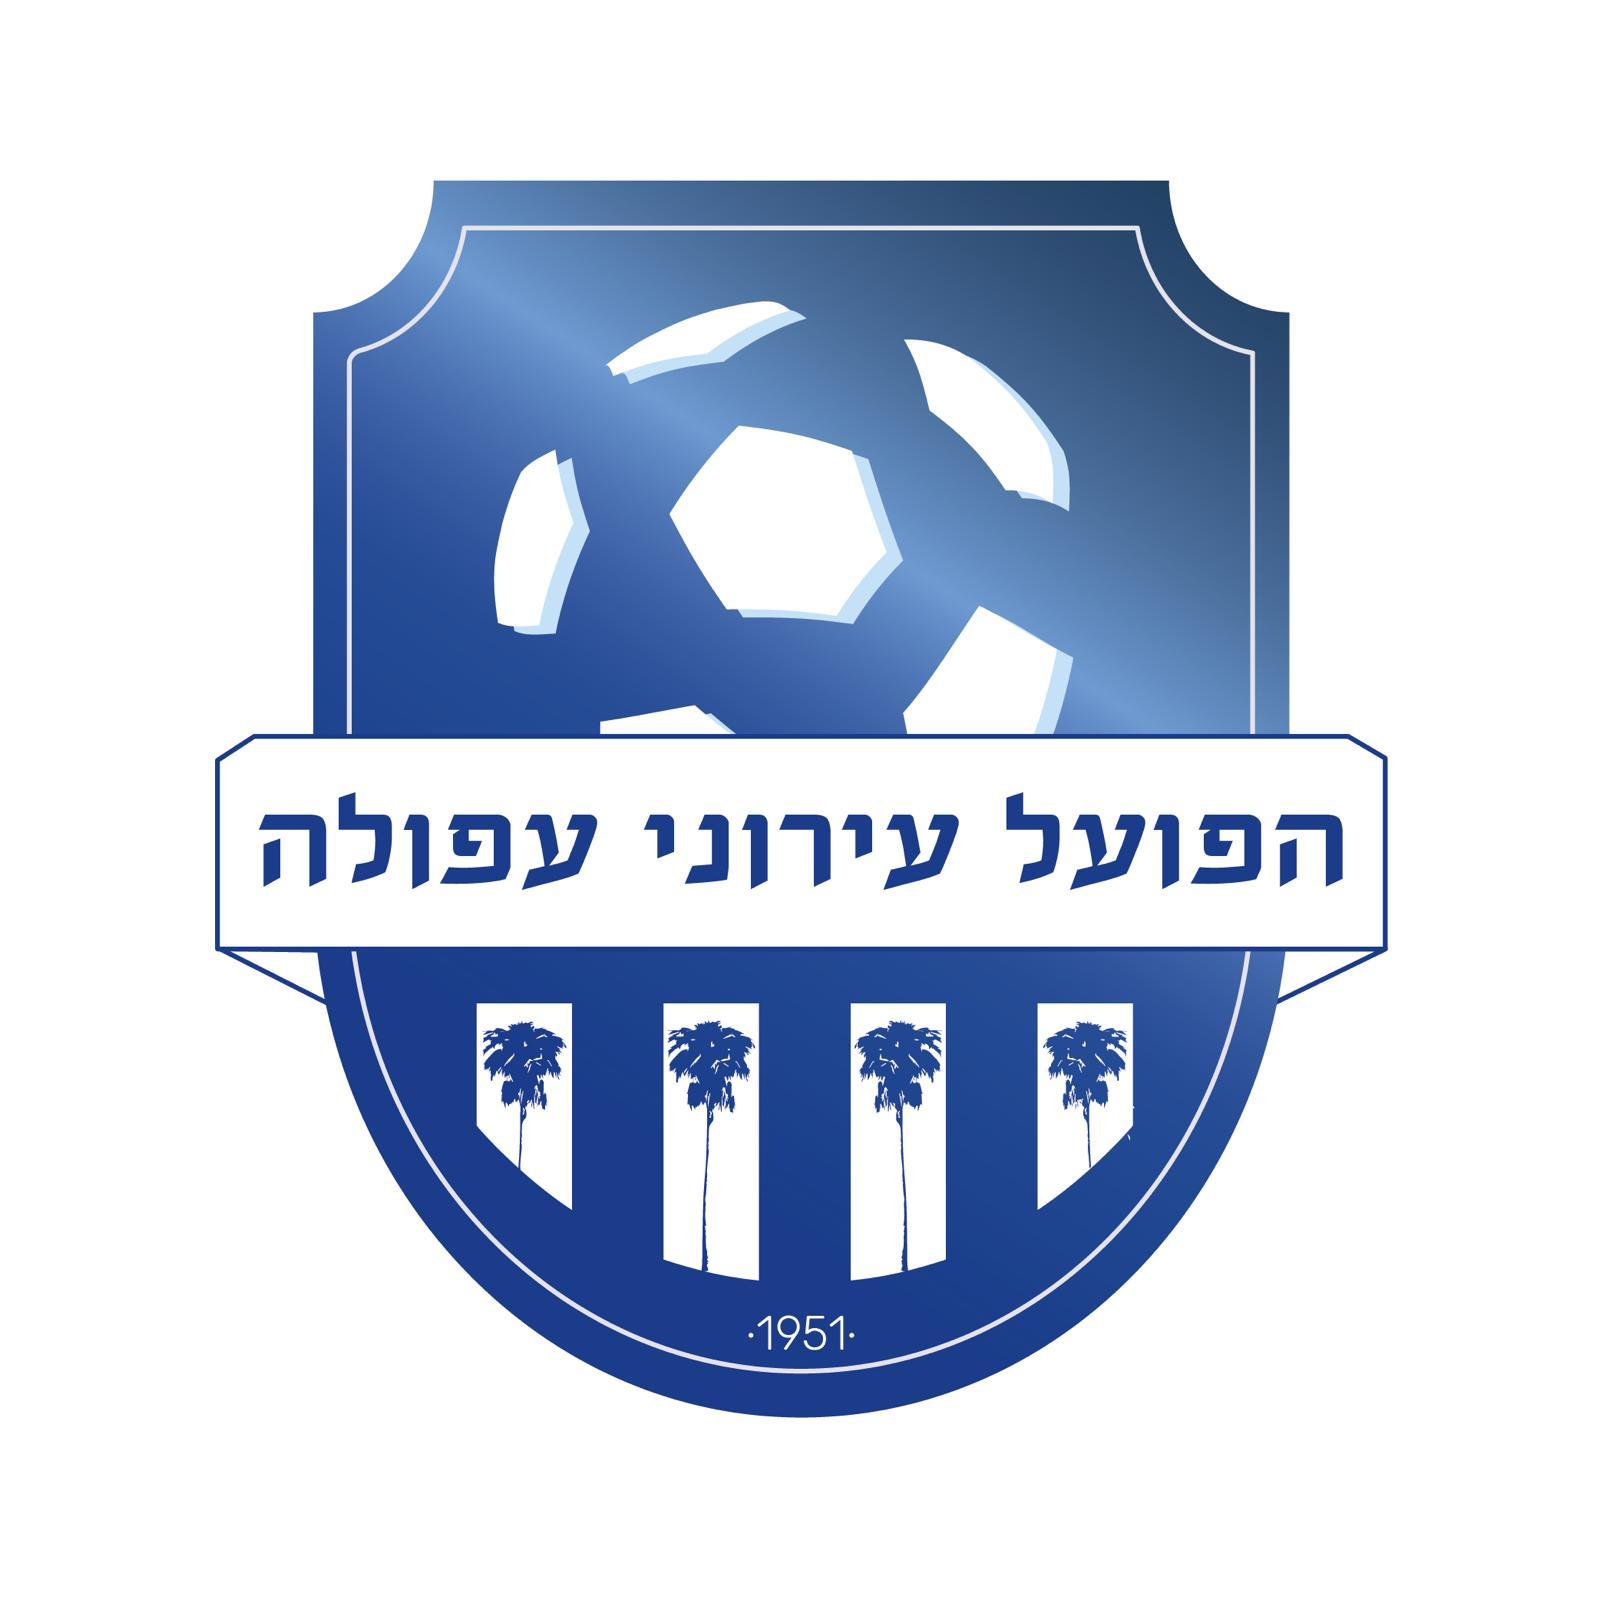 הלוגו החדש של מועדון כדורגל הפועל עירוני עפולה